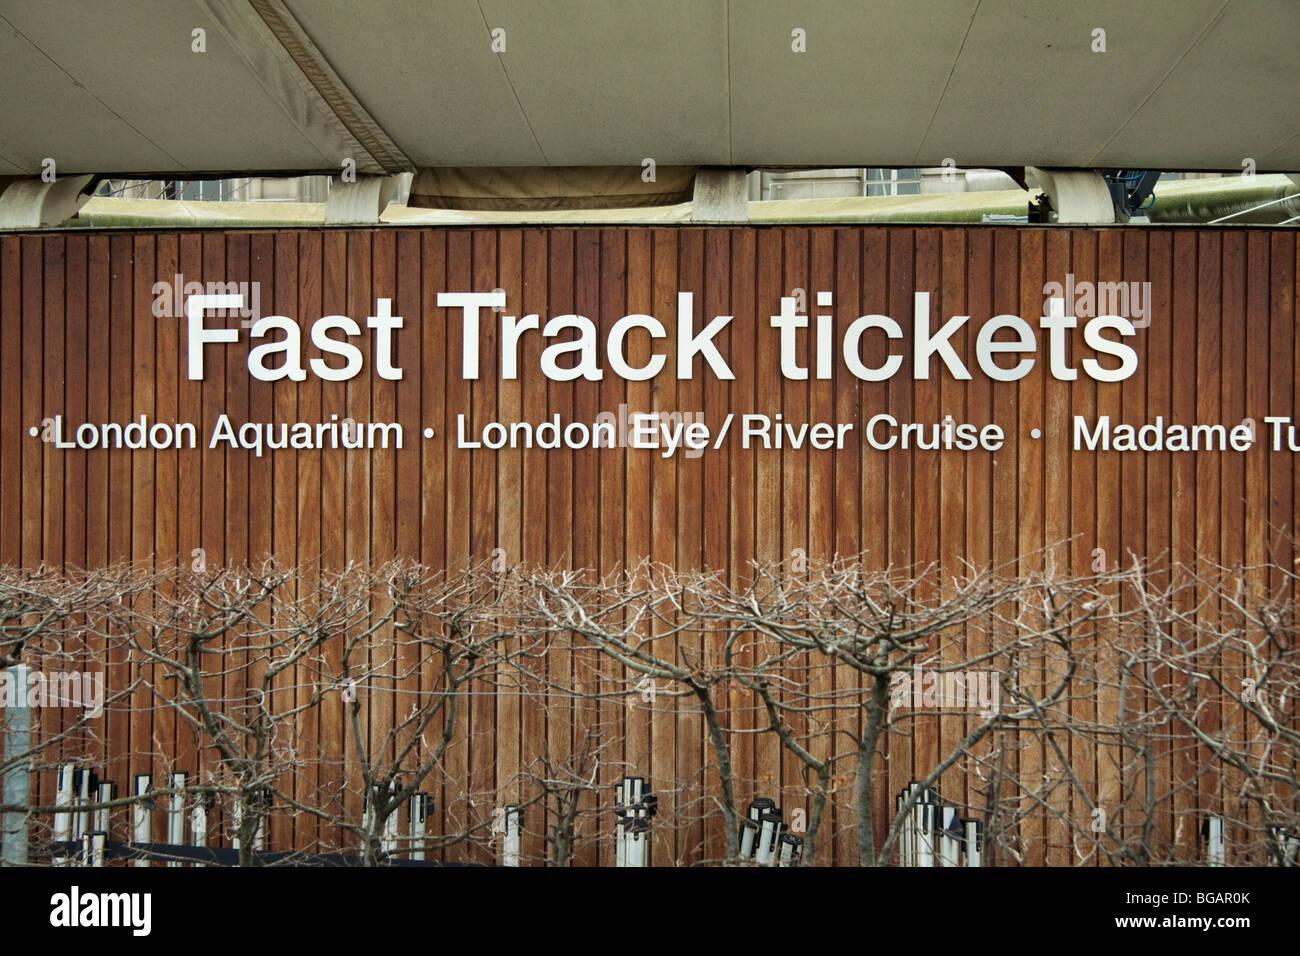 Fast track ticket booth a Londra, in Inghilterra, per la vendita di biglietti per il London Aquarium, il London Immagini Stock